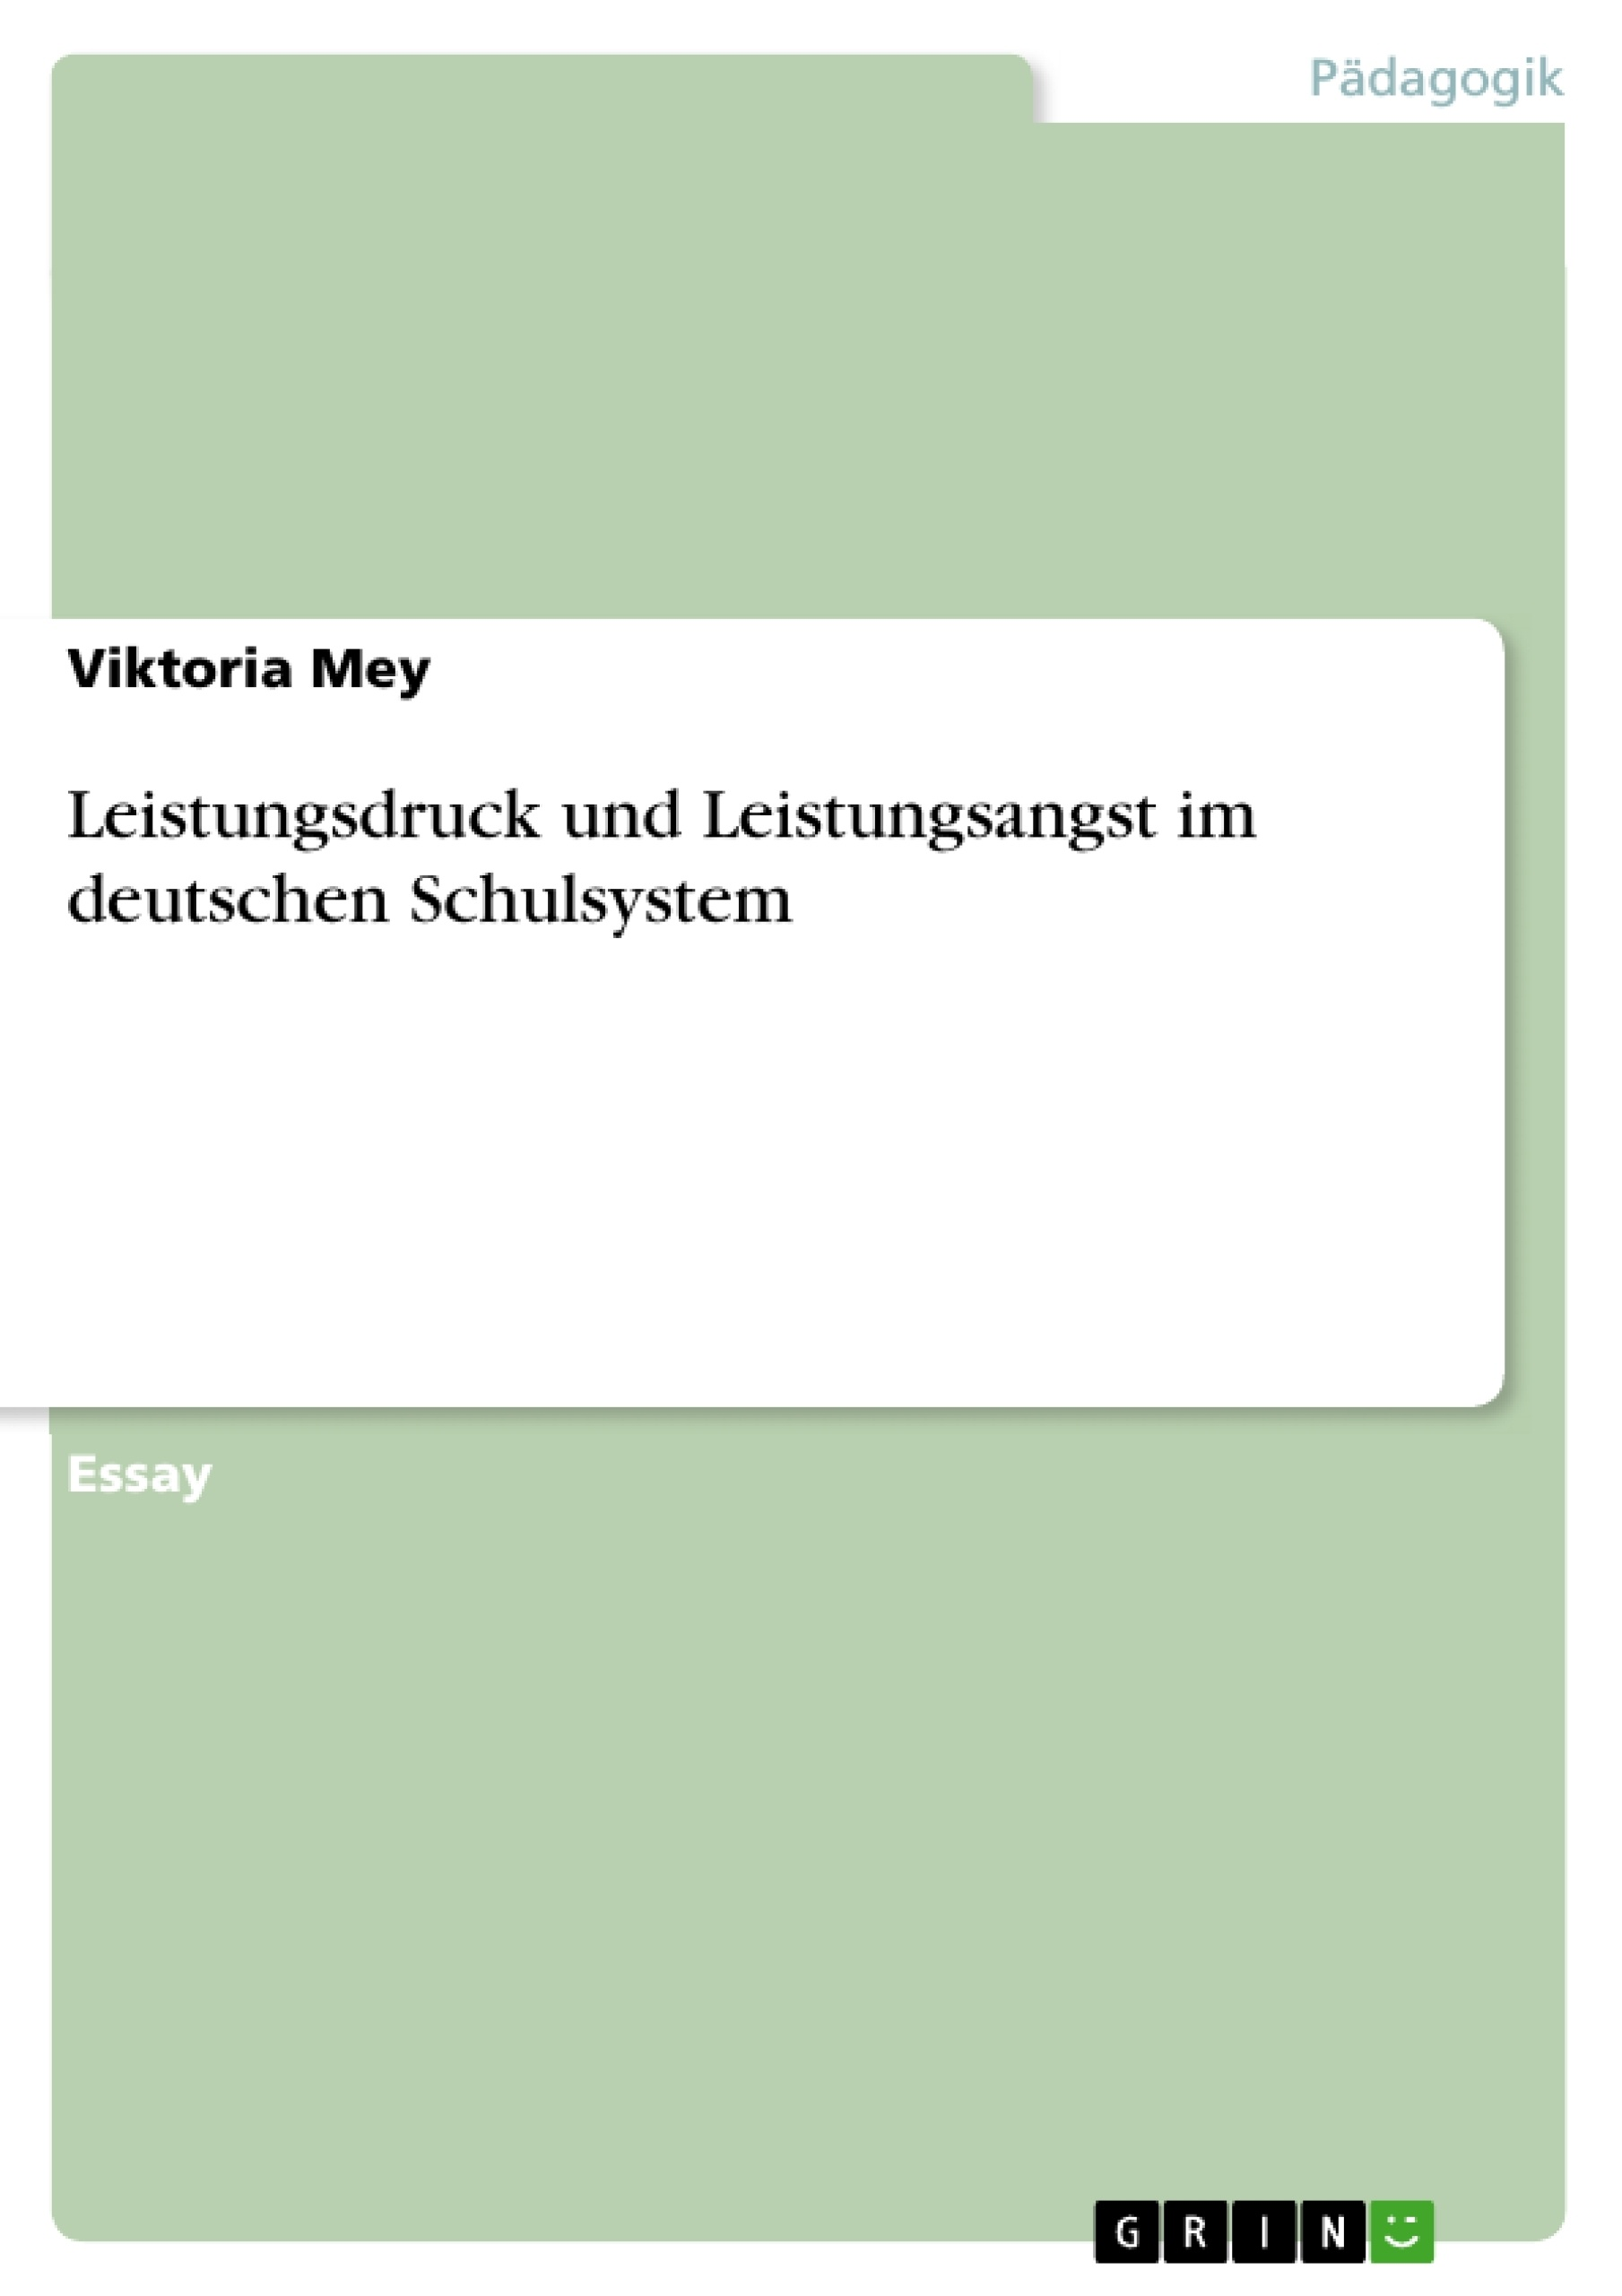 Titel: Leistungsdruck und Leistungsangst im deutschen Schulsystem